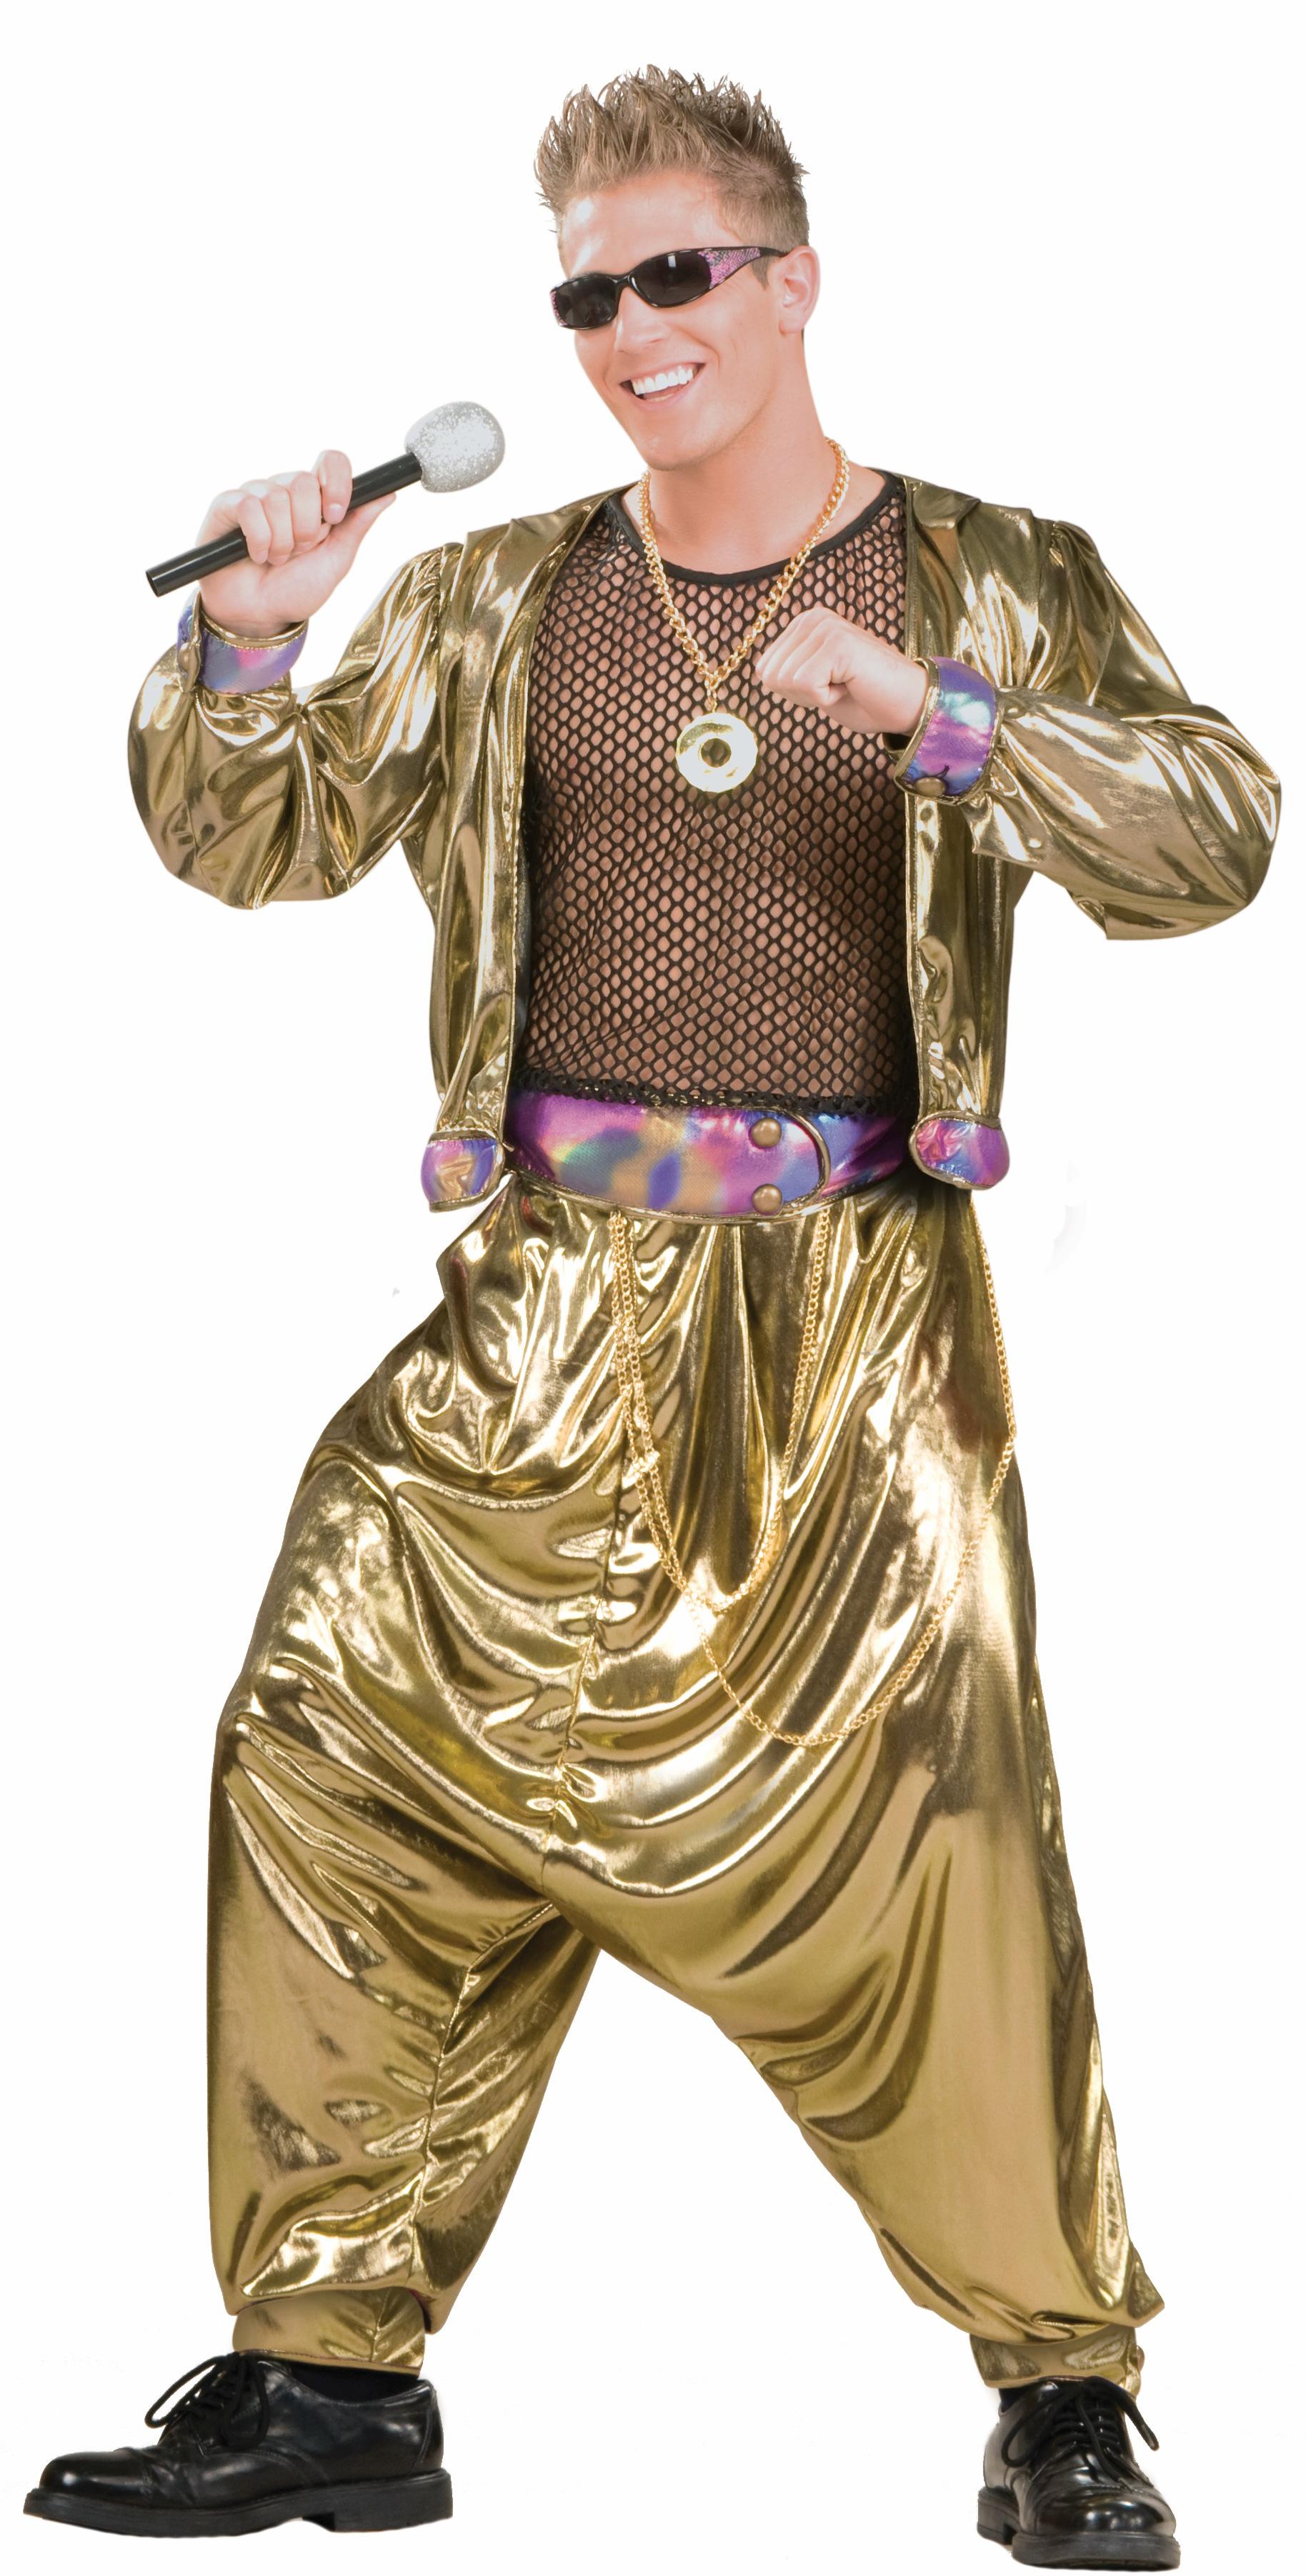 Gold dress ideas 80s